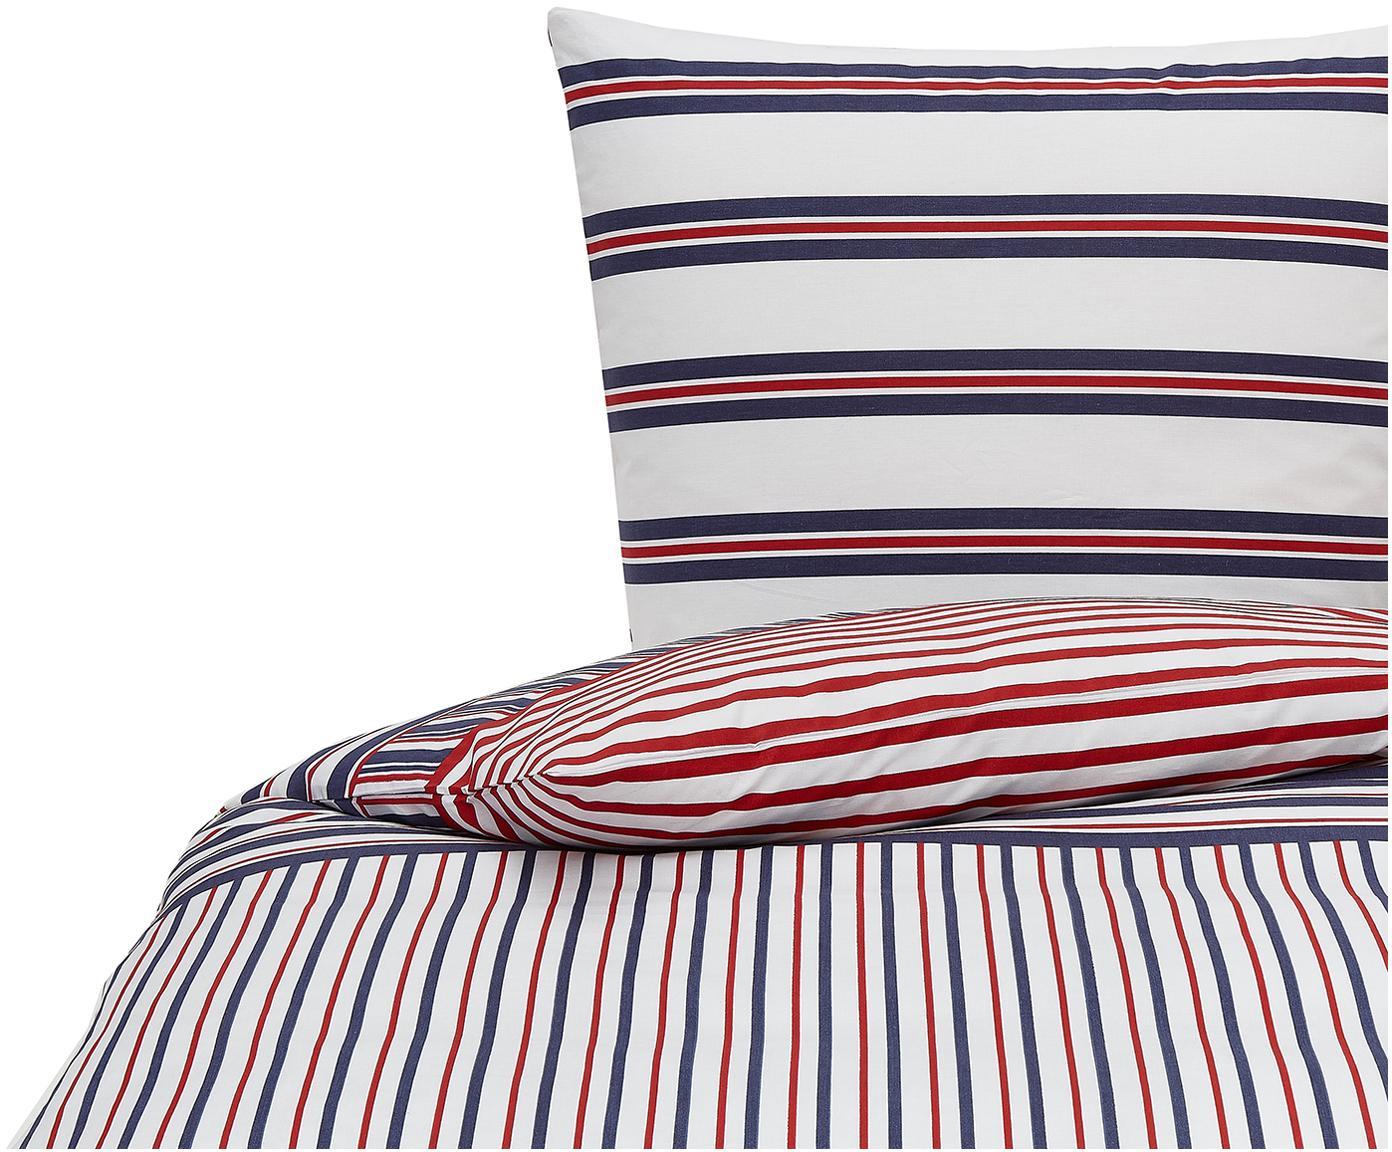 Gestreifte Bettwäsche Perry, 100% Baumwolle Bettwäsche aus Baumwolle fühlt sich auf der Haut angenehm weich an, nimmt Feuchtigkeit gut auf und eignet sich für Allergiker., Blau, Rot, Weiß, 135 x 200 cm + 1 Kissen 80 x 80 cm